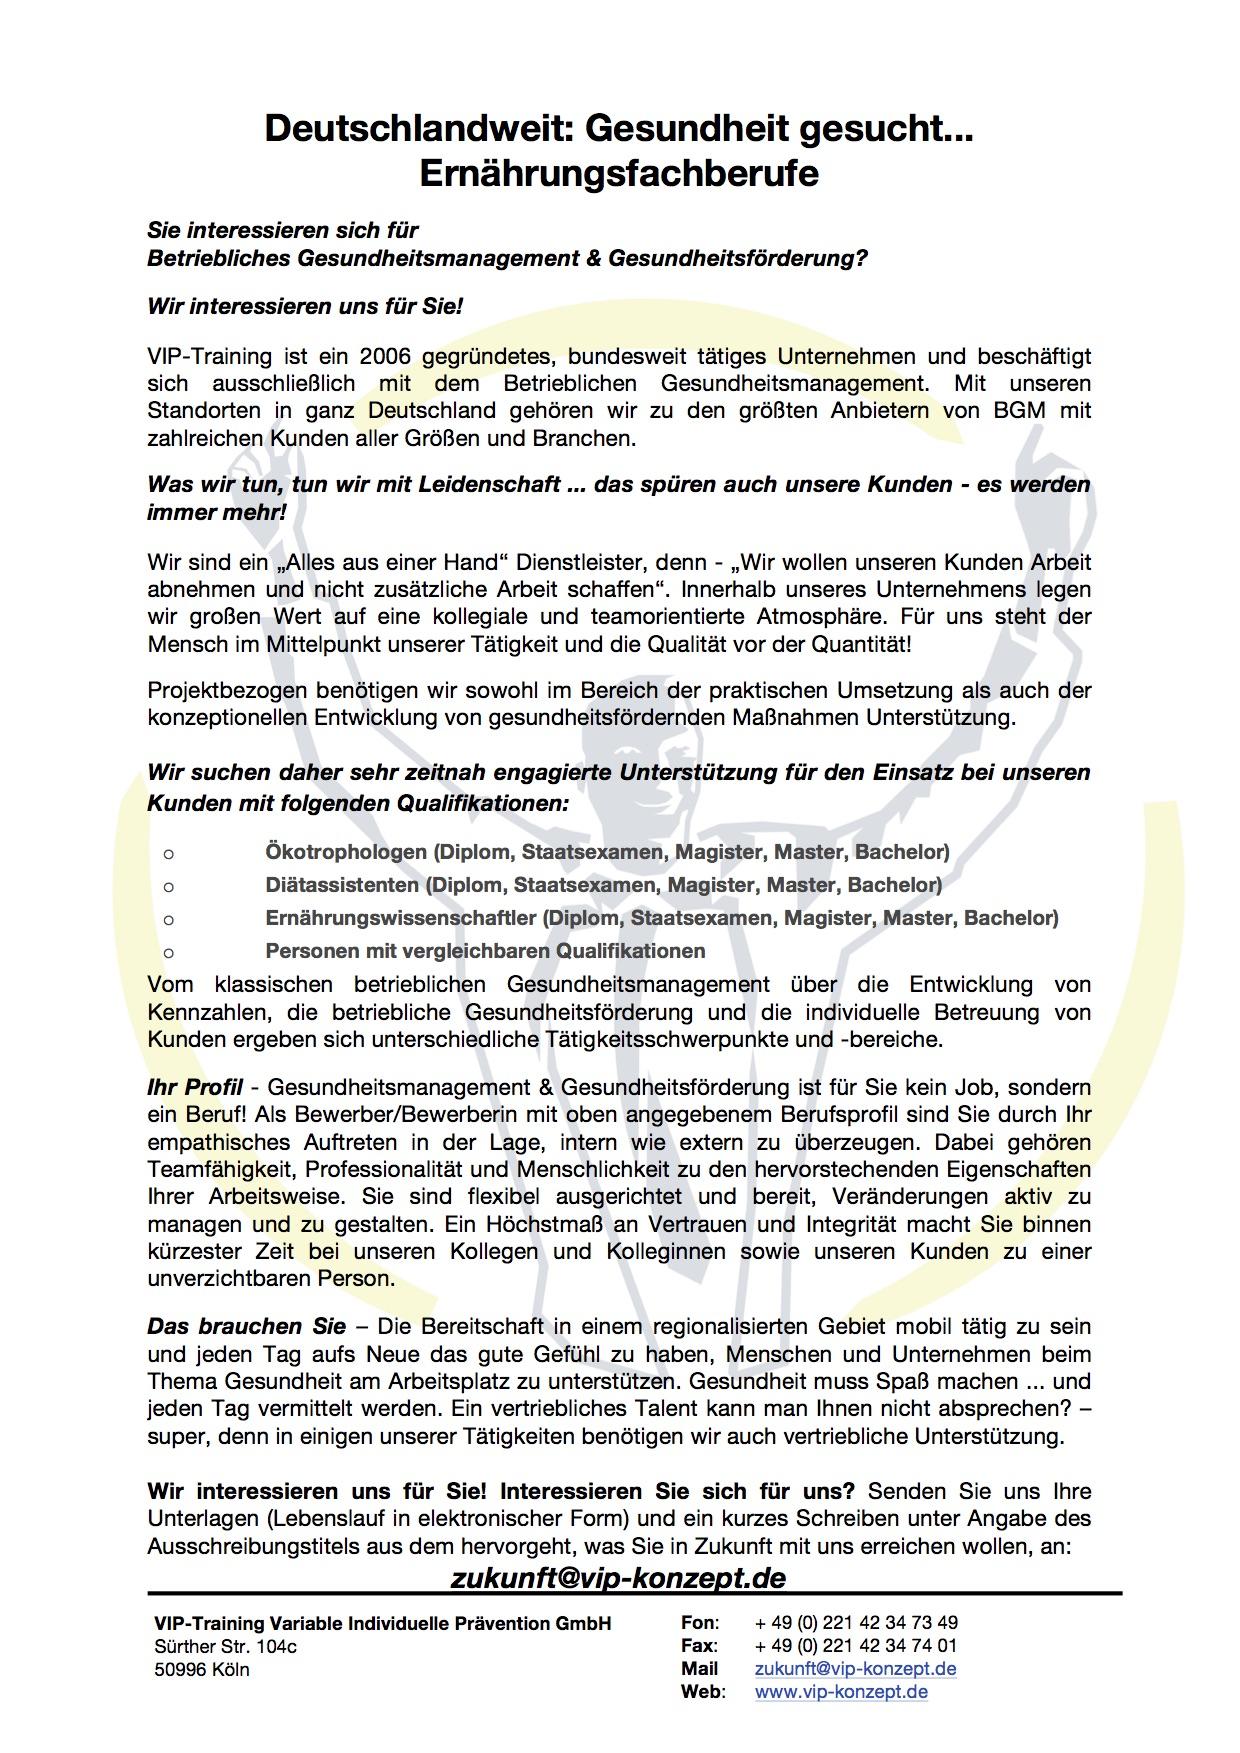 Deutschlandweit-Gesundheit-gesucht-Ernaehrungsfachberufe